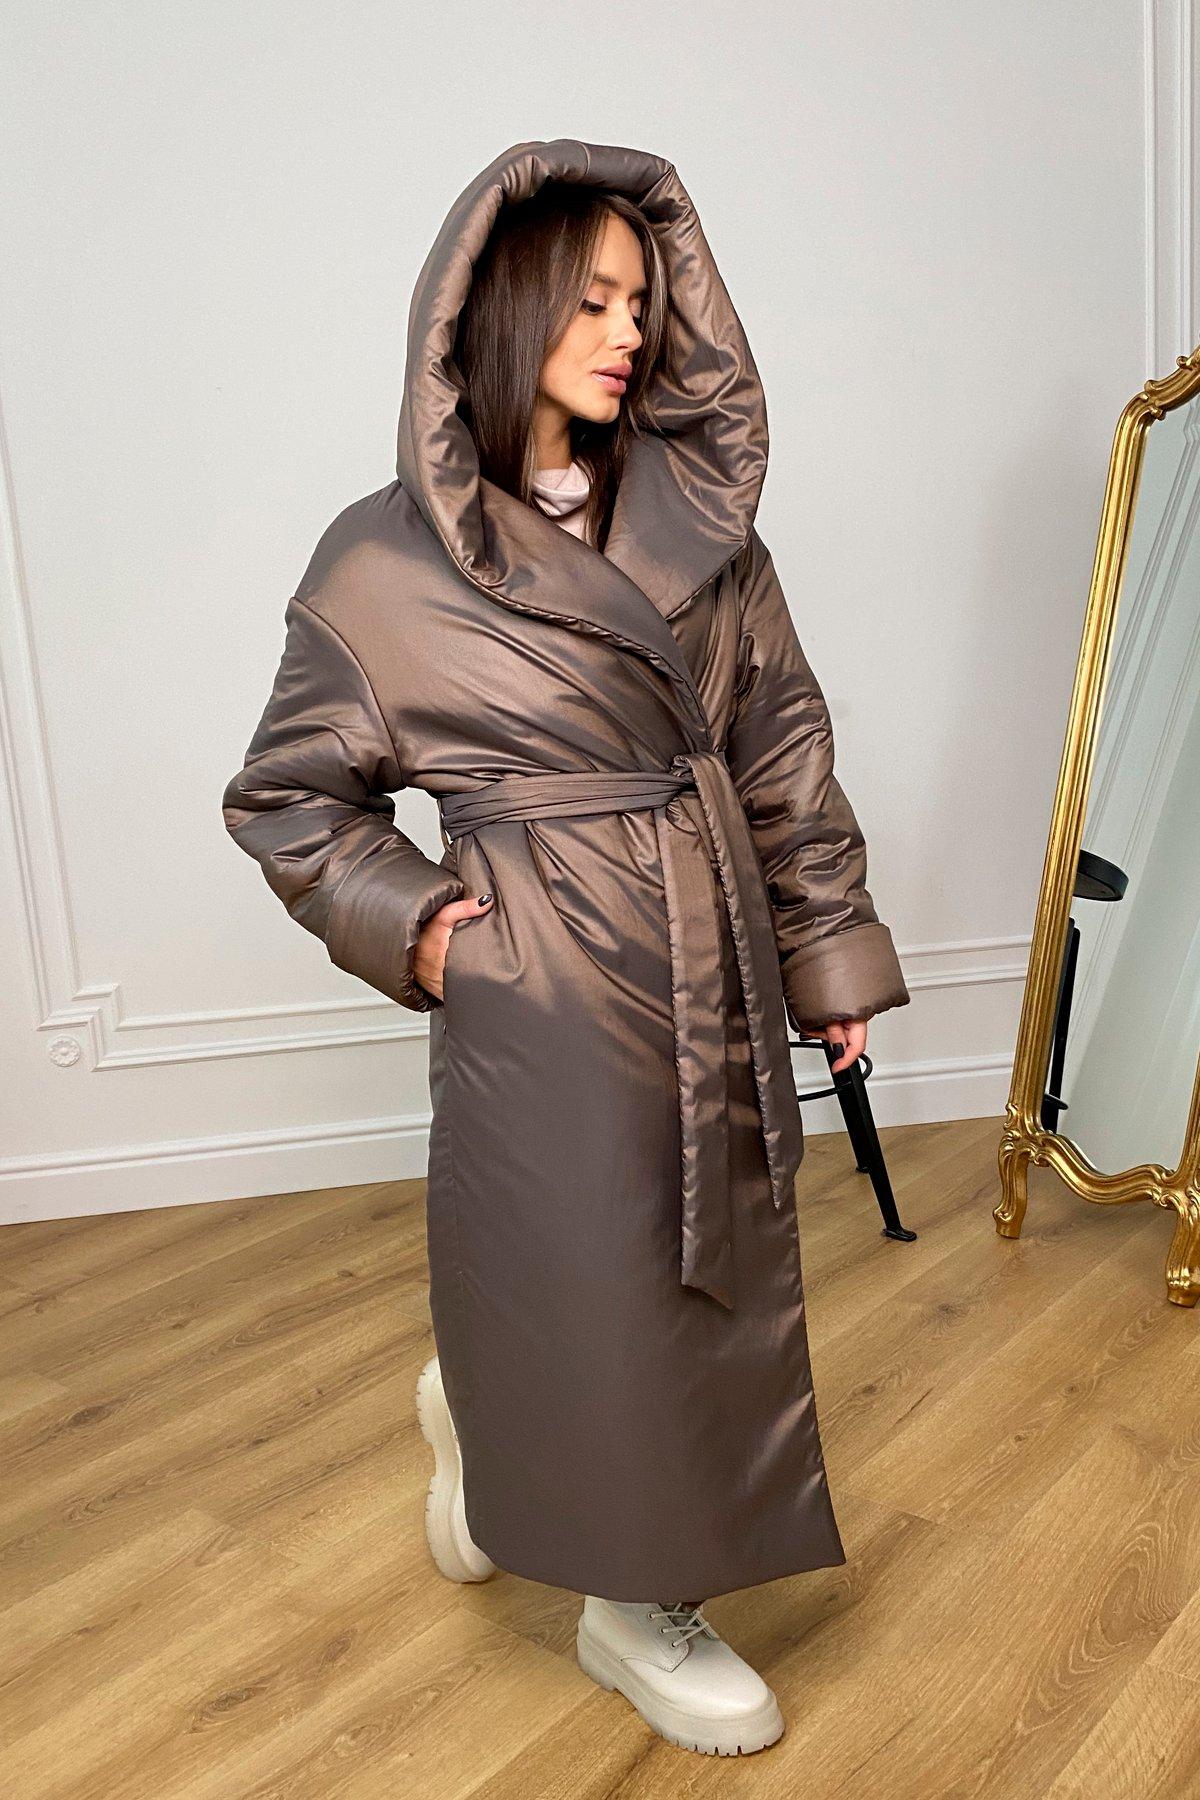 Берлин пальто зимнее из плащевой ткани, стеганое 10082 АРТ. 46395 Цвет: Шоколад/хамелеон - фото 6, интернет магазин tm-modus.ru